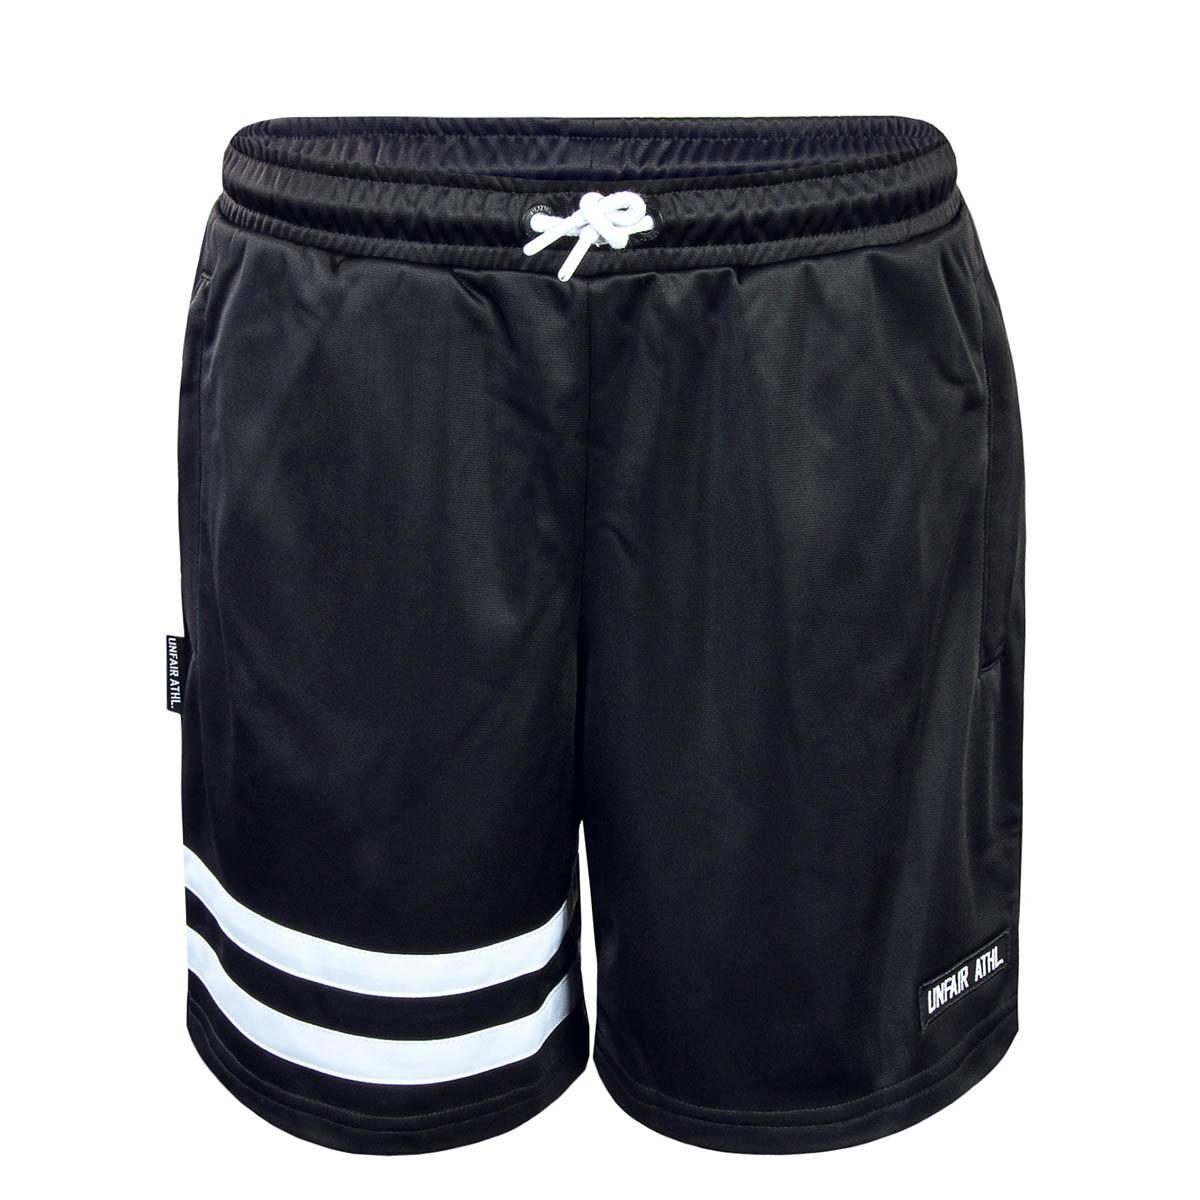 8107b9b0aa94cd kurze Herren Hose in schwarz von Unfair Athletic online kaufen ...